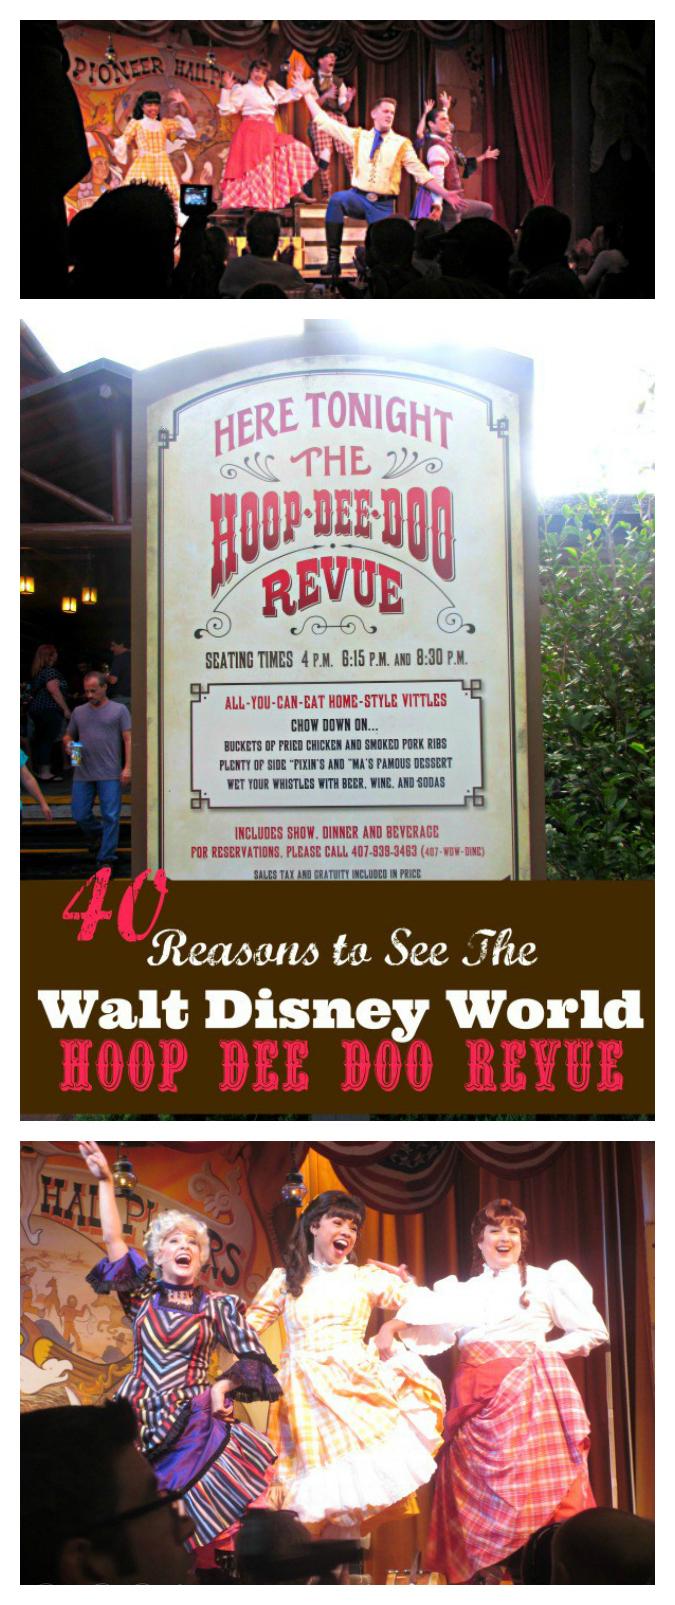 Hoop dee doo tips